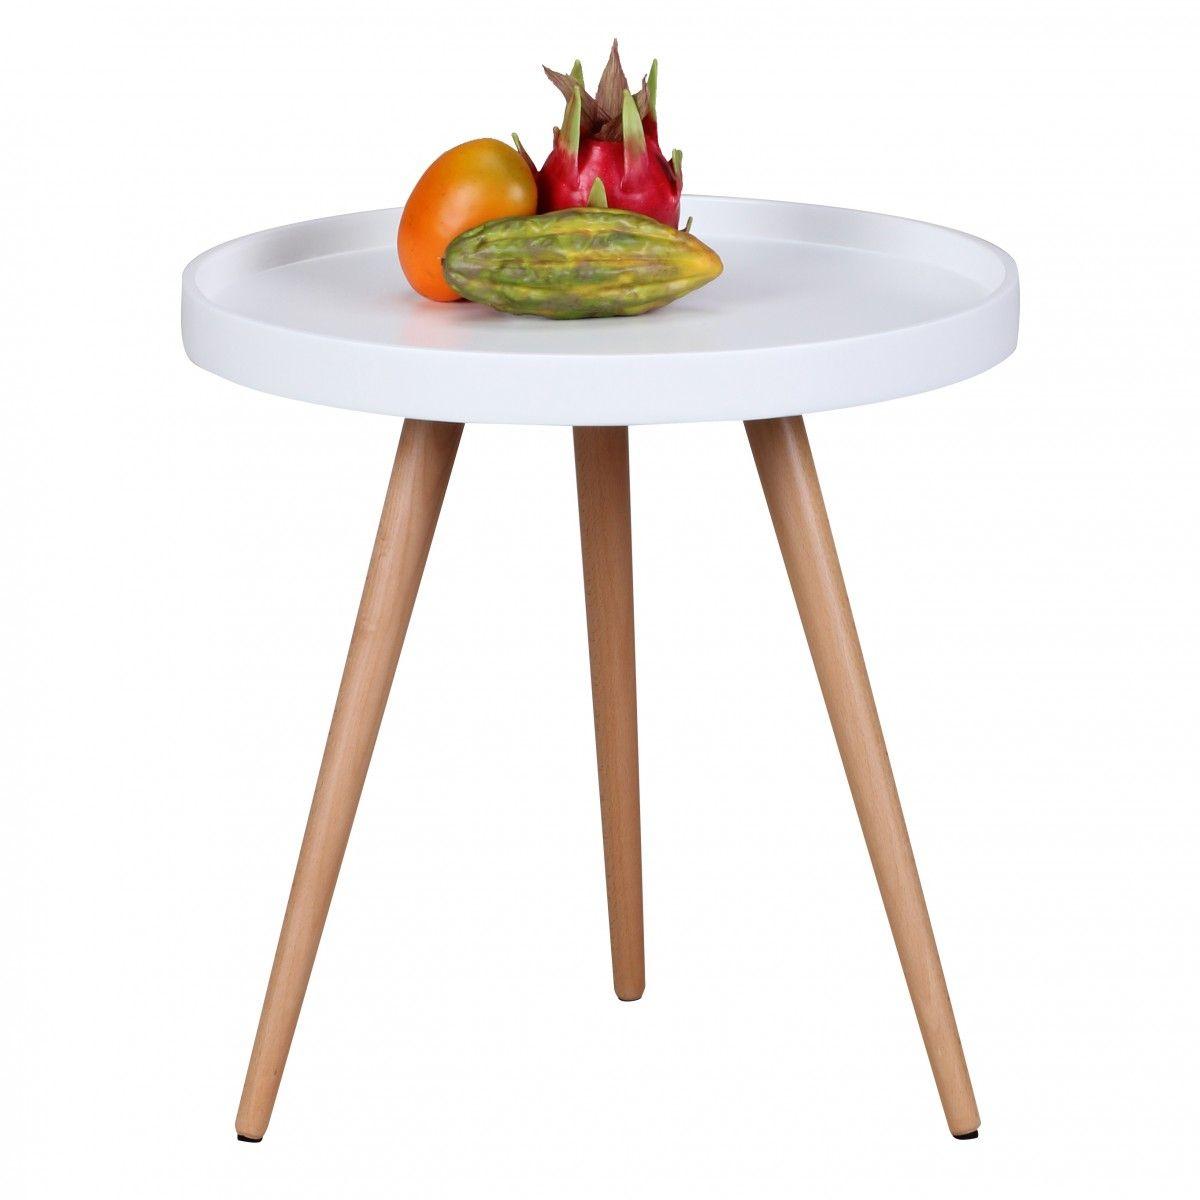 Beistelltisch Tisch Alva 50x50 Cm Weiss Matt Buche Kaufen Bei